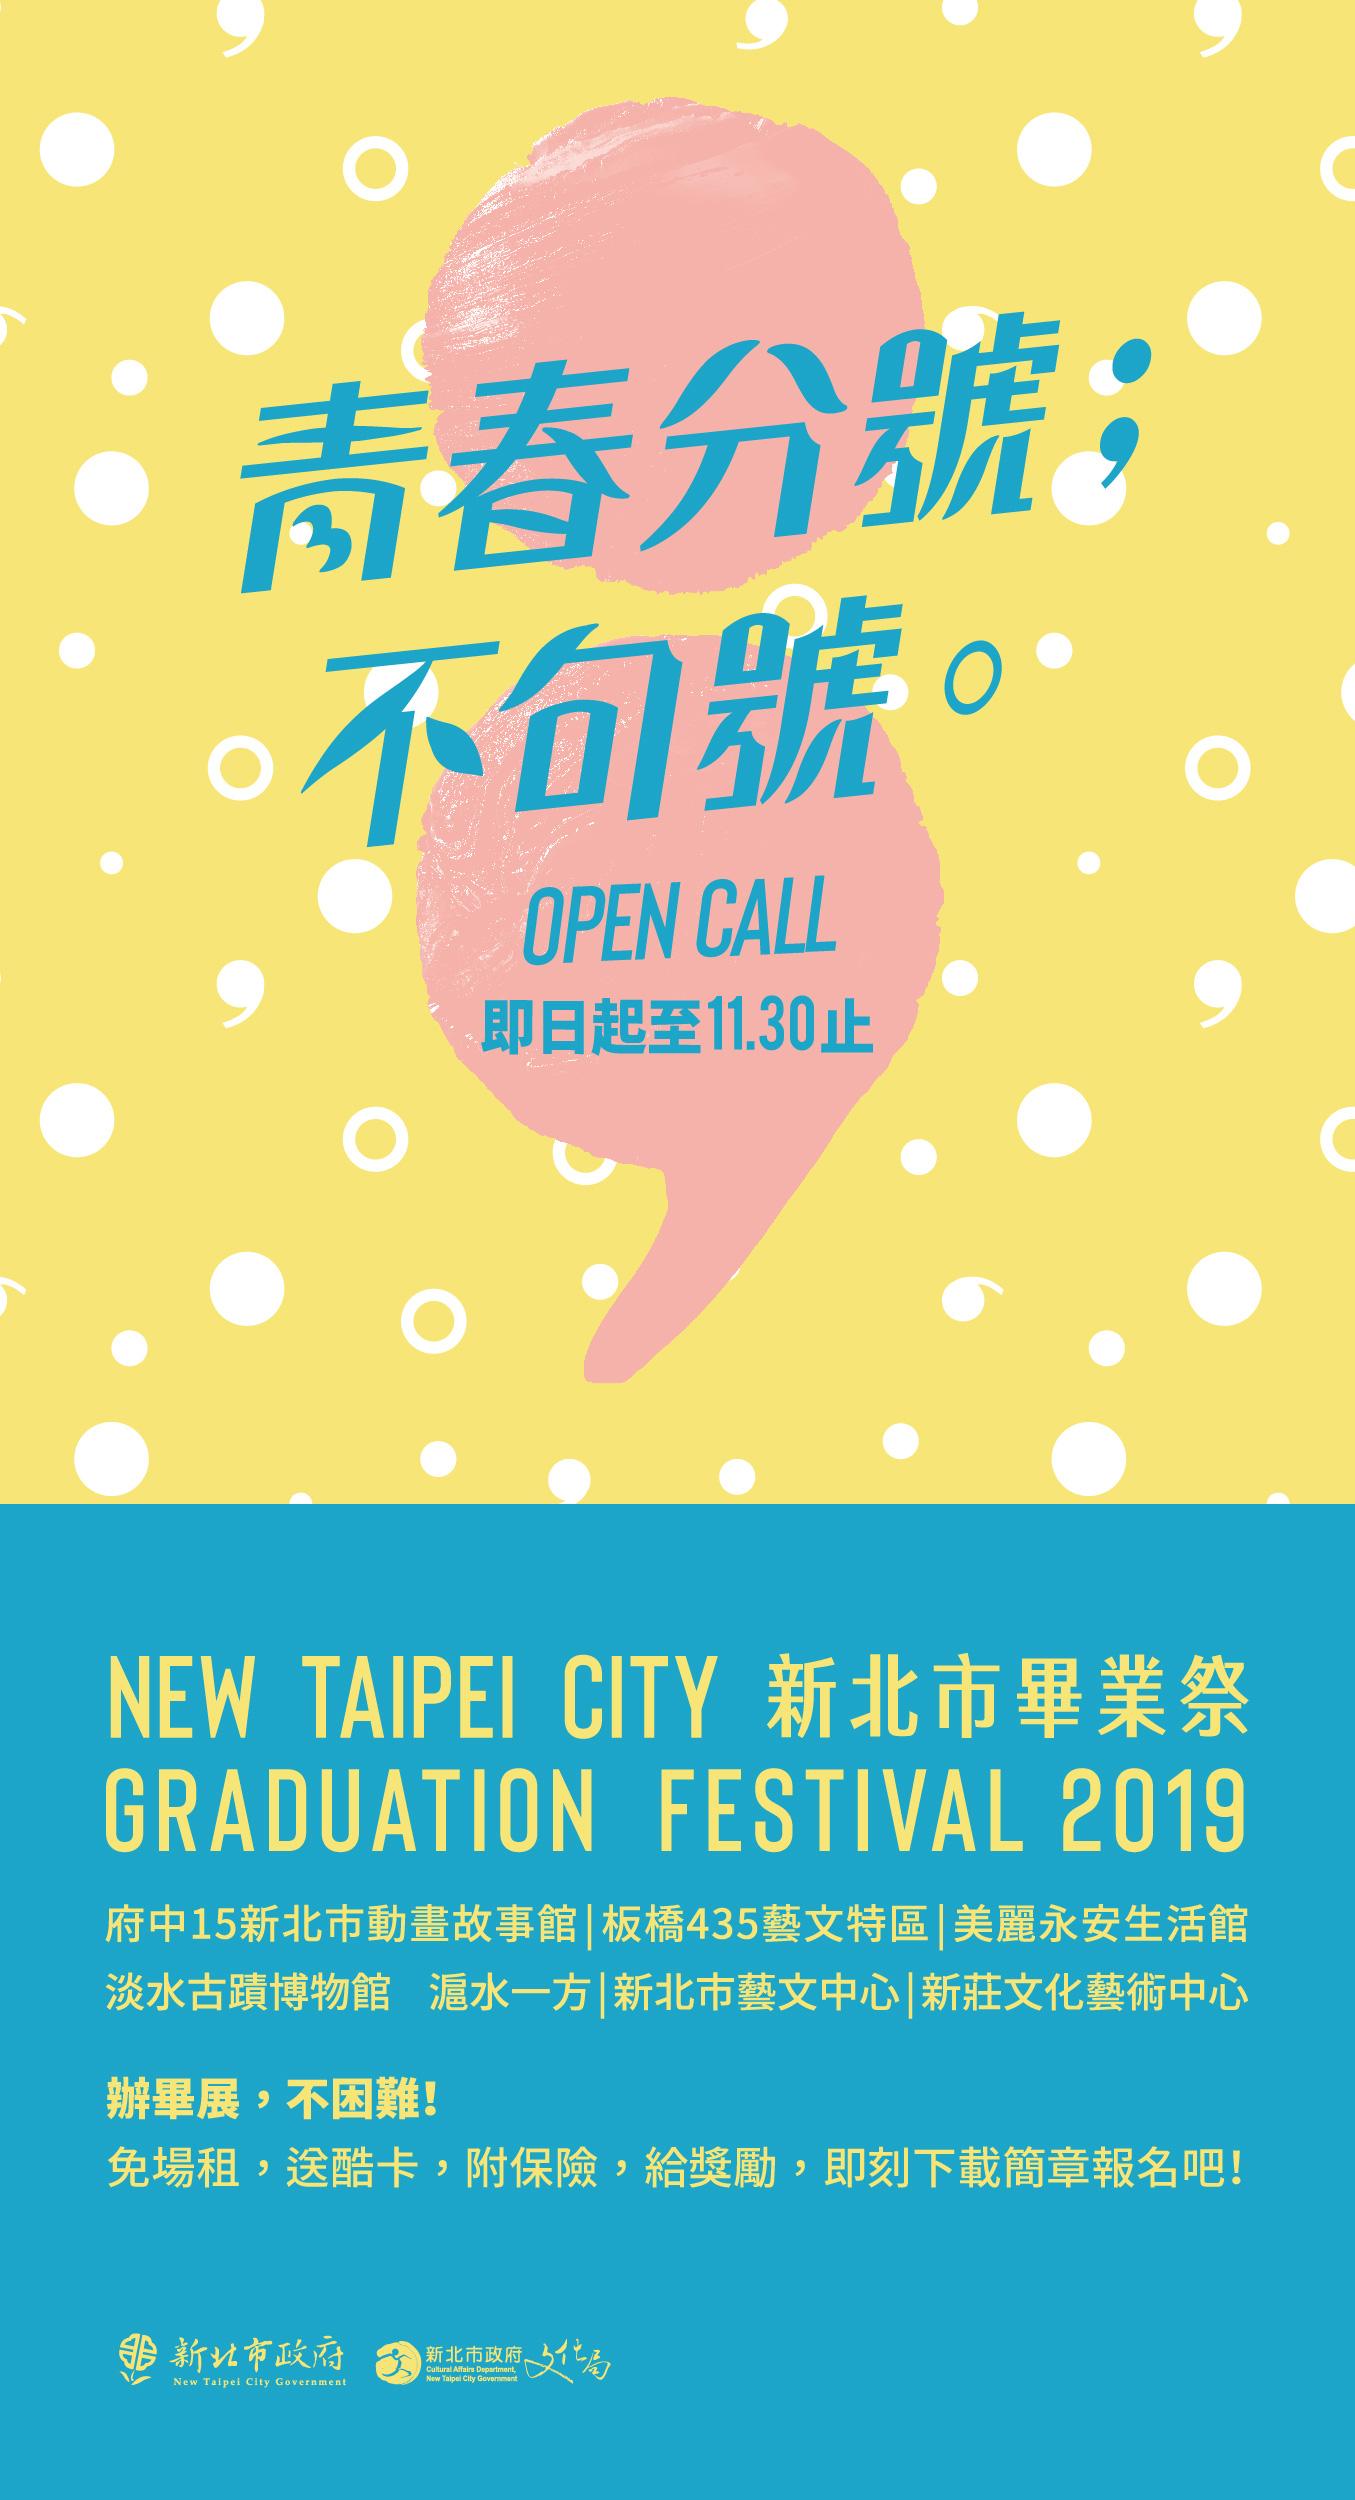 2019新北市畢業祭《青春分號;不句號》徵件中!